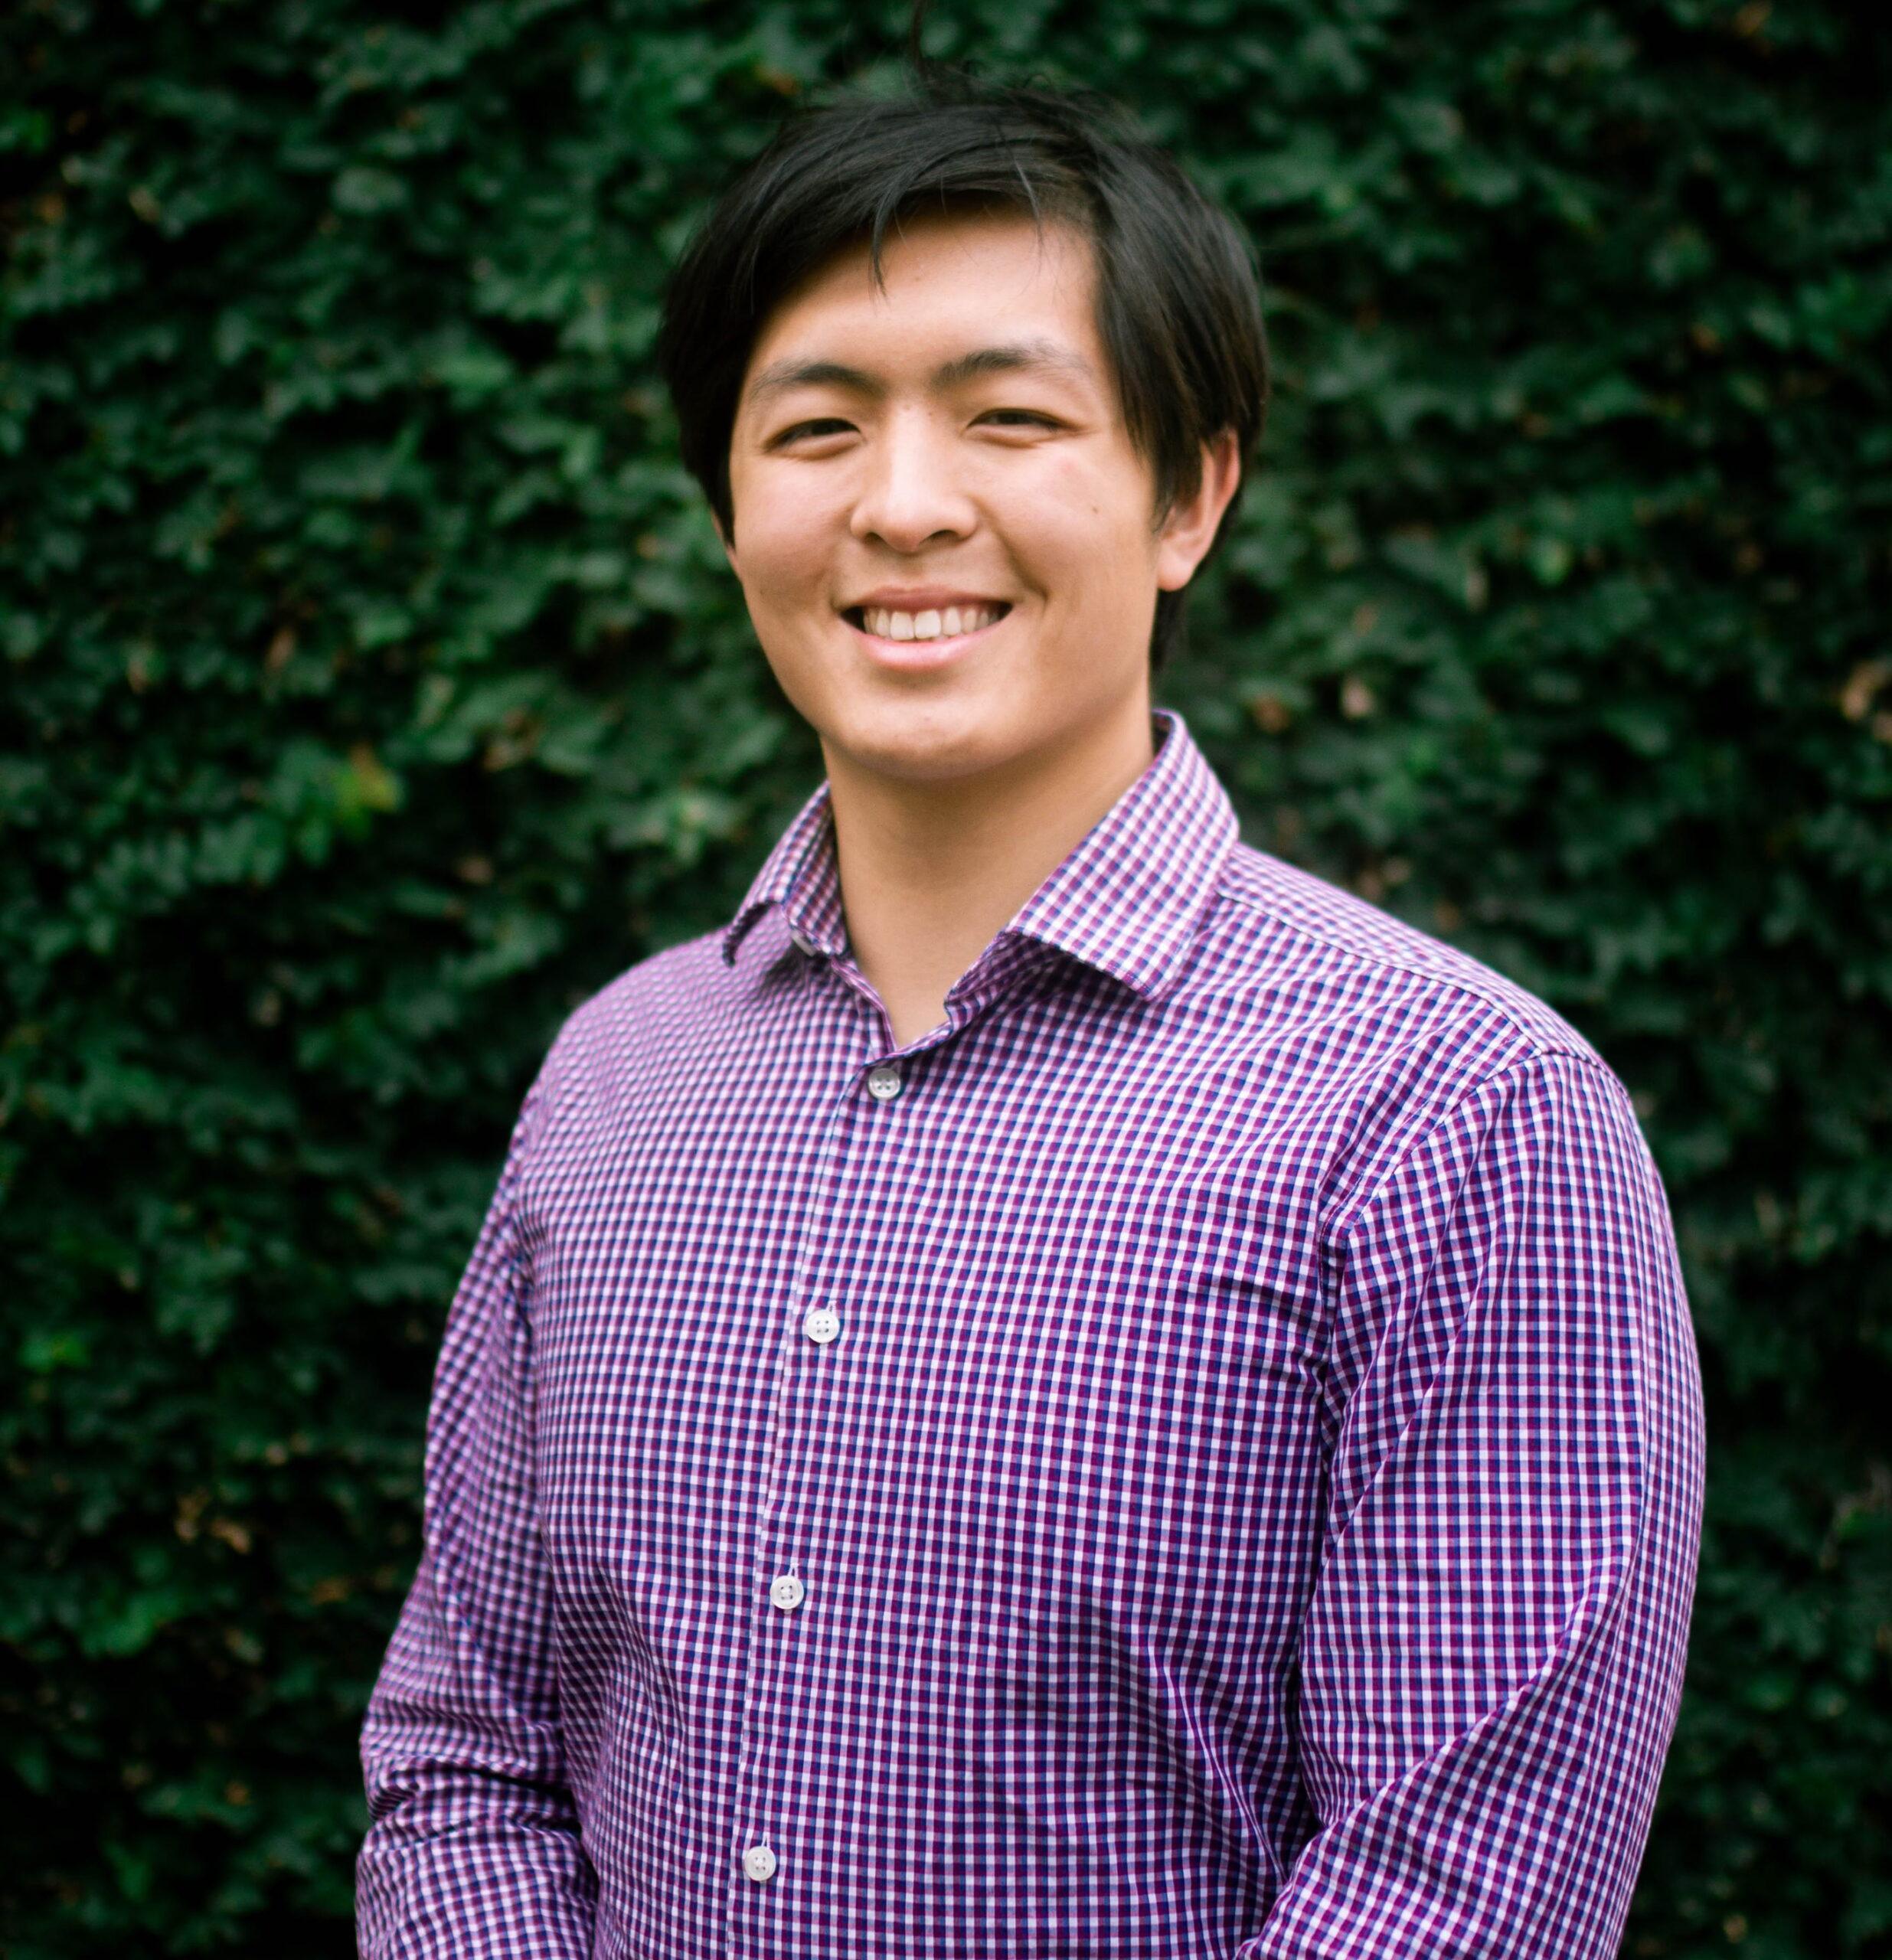 Carl Wang